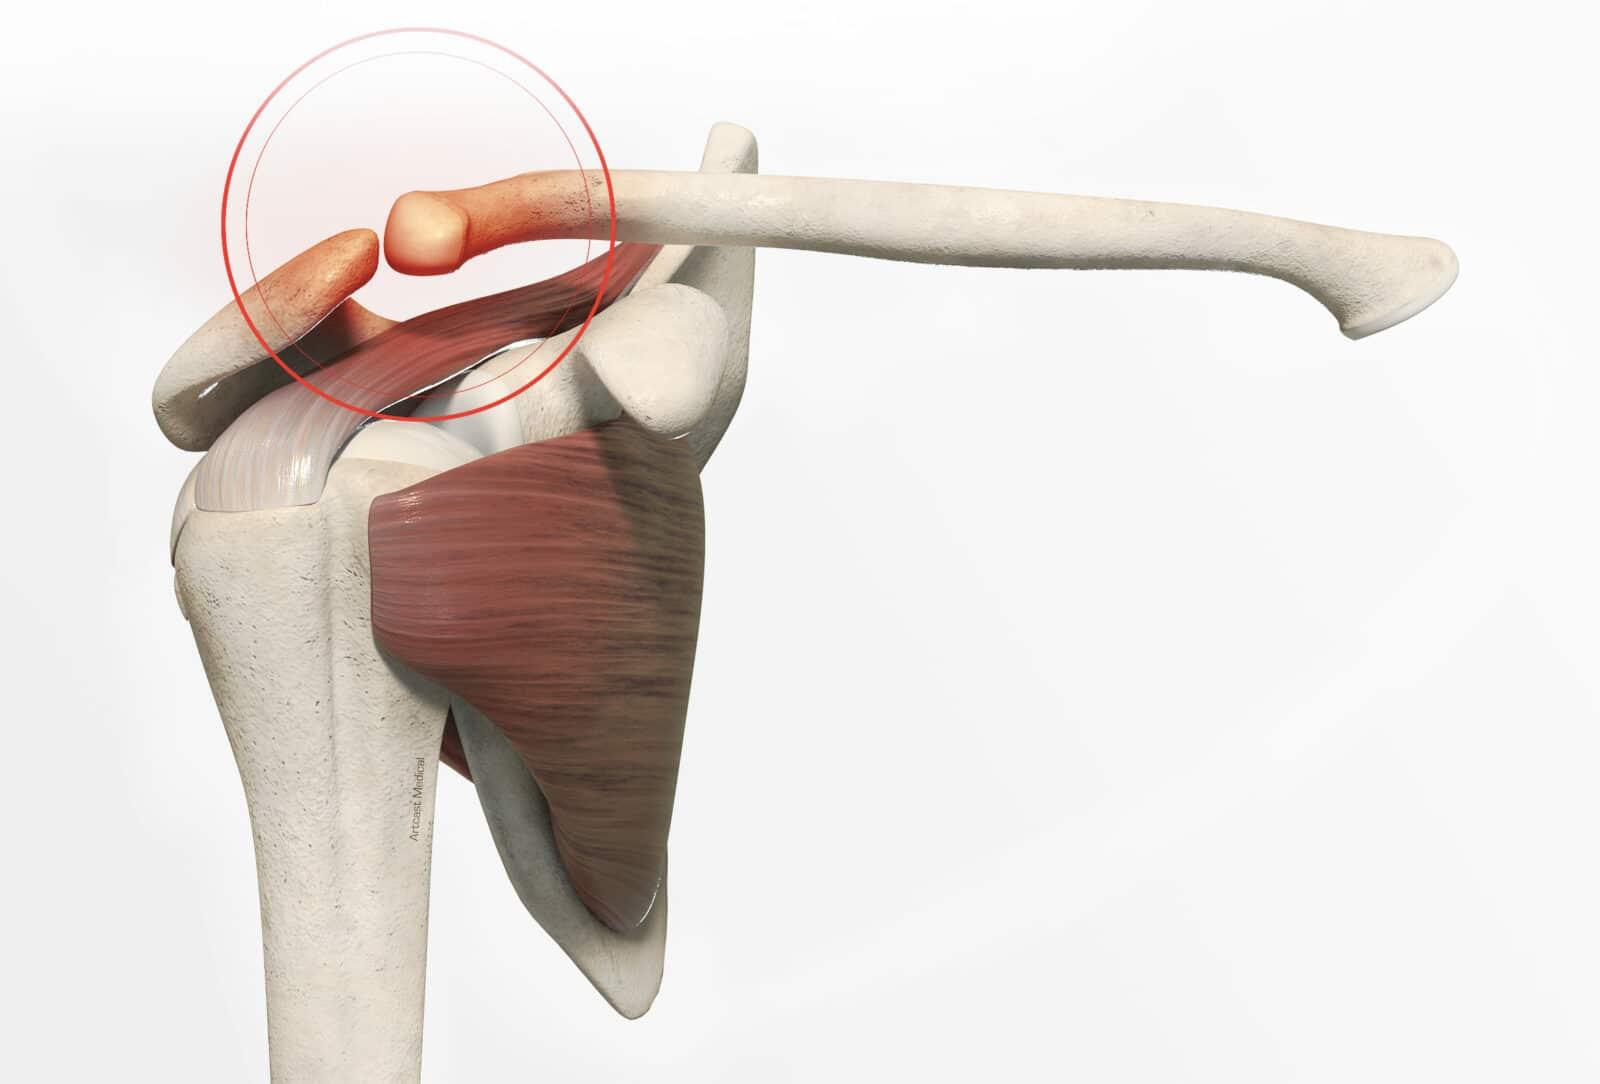 Traitement fracture de la clavicule à Paris - Dr Paillard: Chirurgien orthopédique